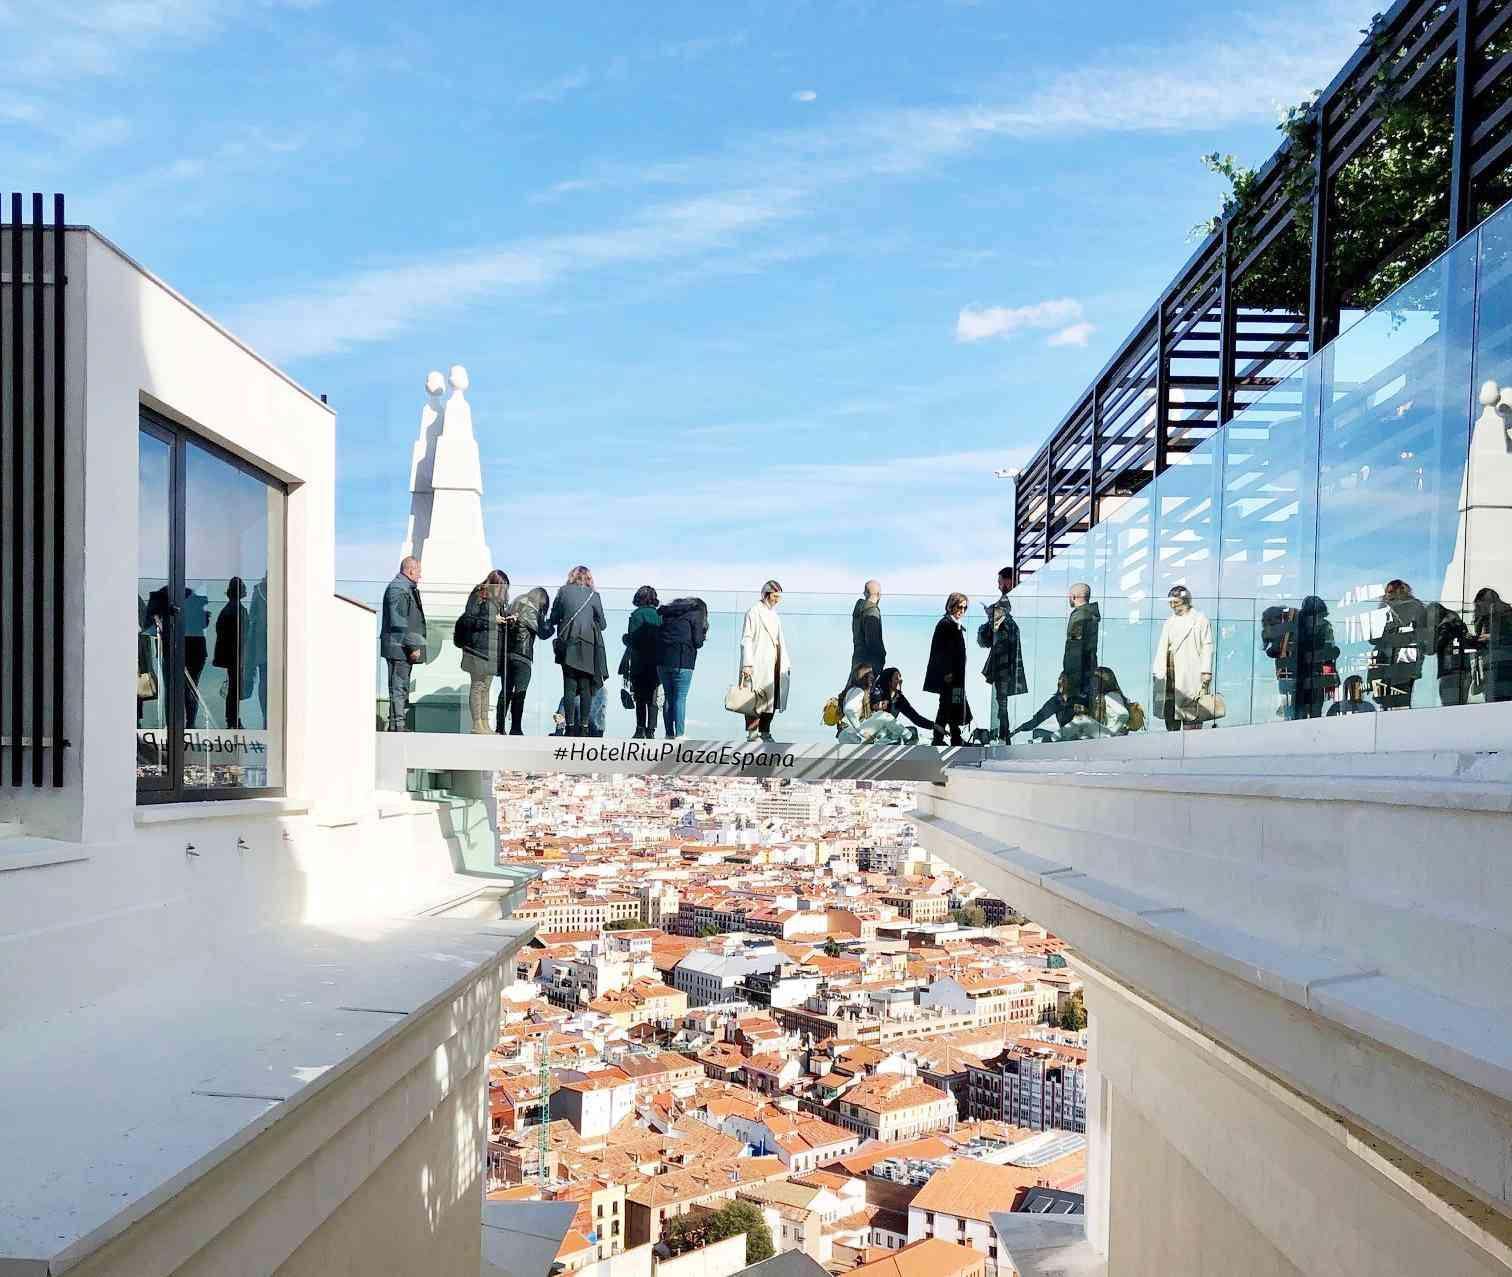 Mejores miradores de Madrid - Hotel Riu